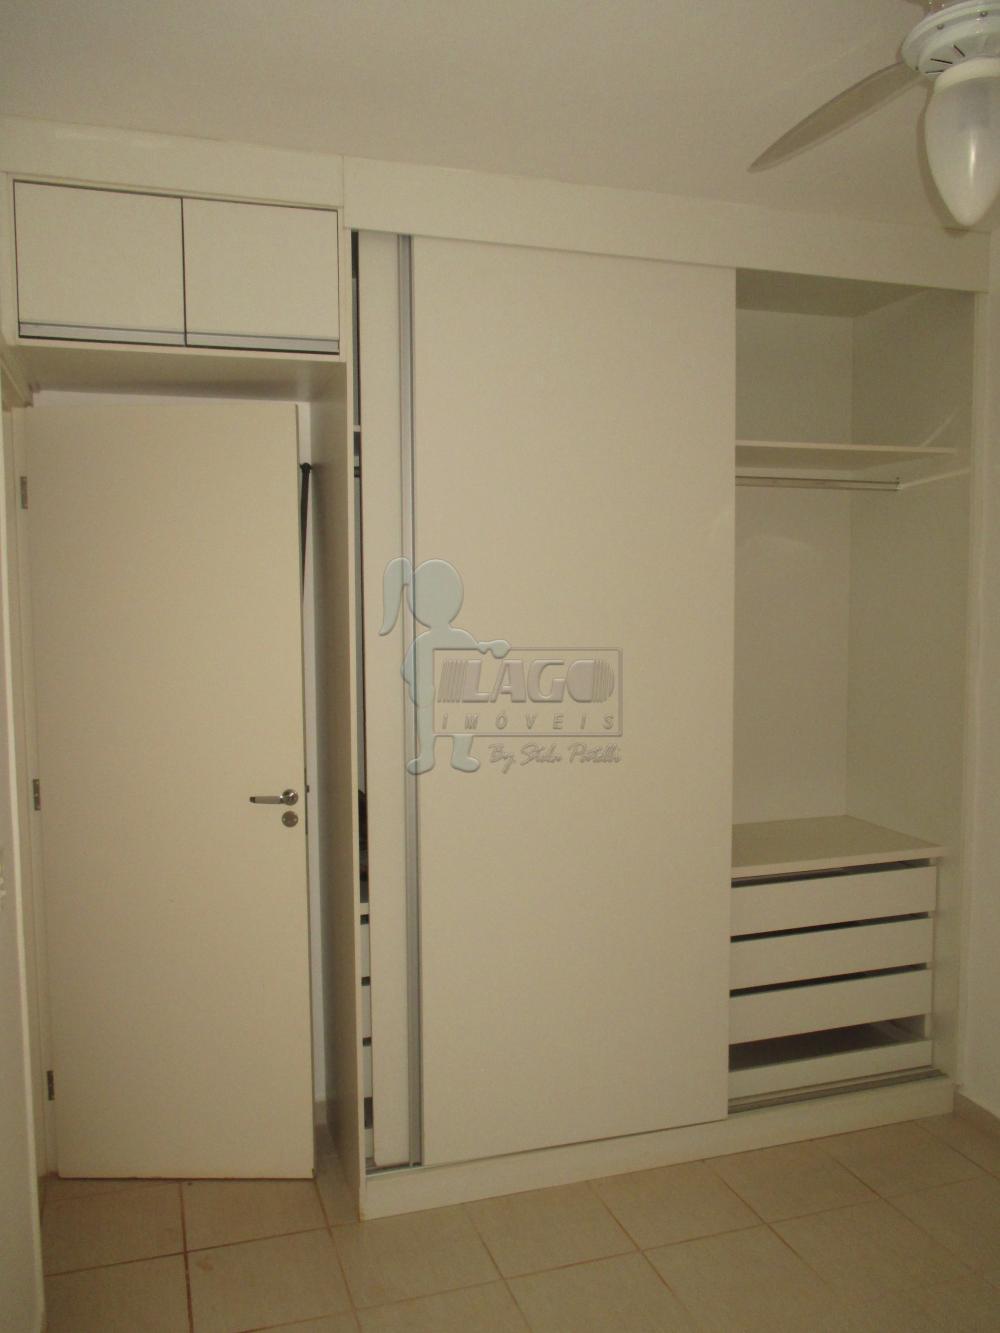 Alugar Casas / Condomínio em Ribeirão Preto apenas R$ 1.750,00 - Foto 9